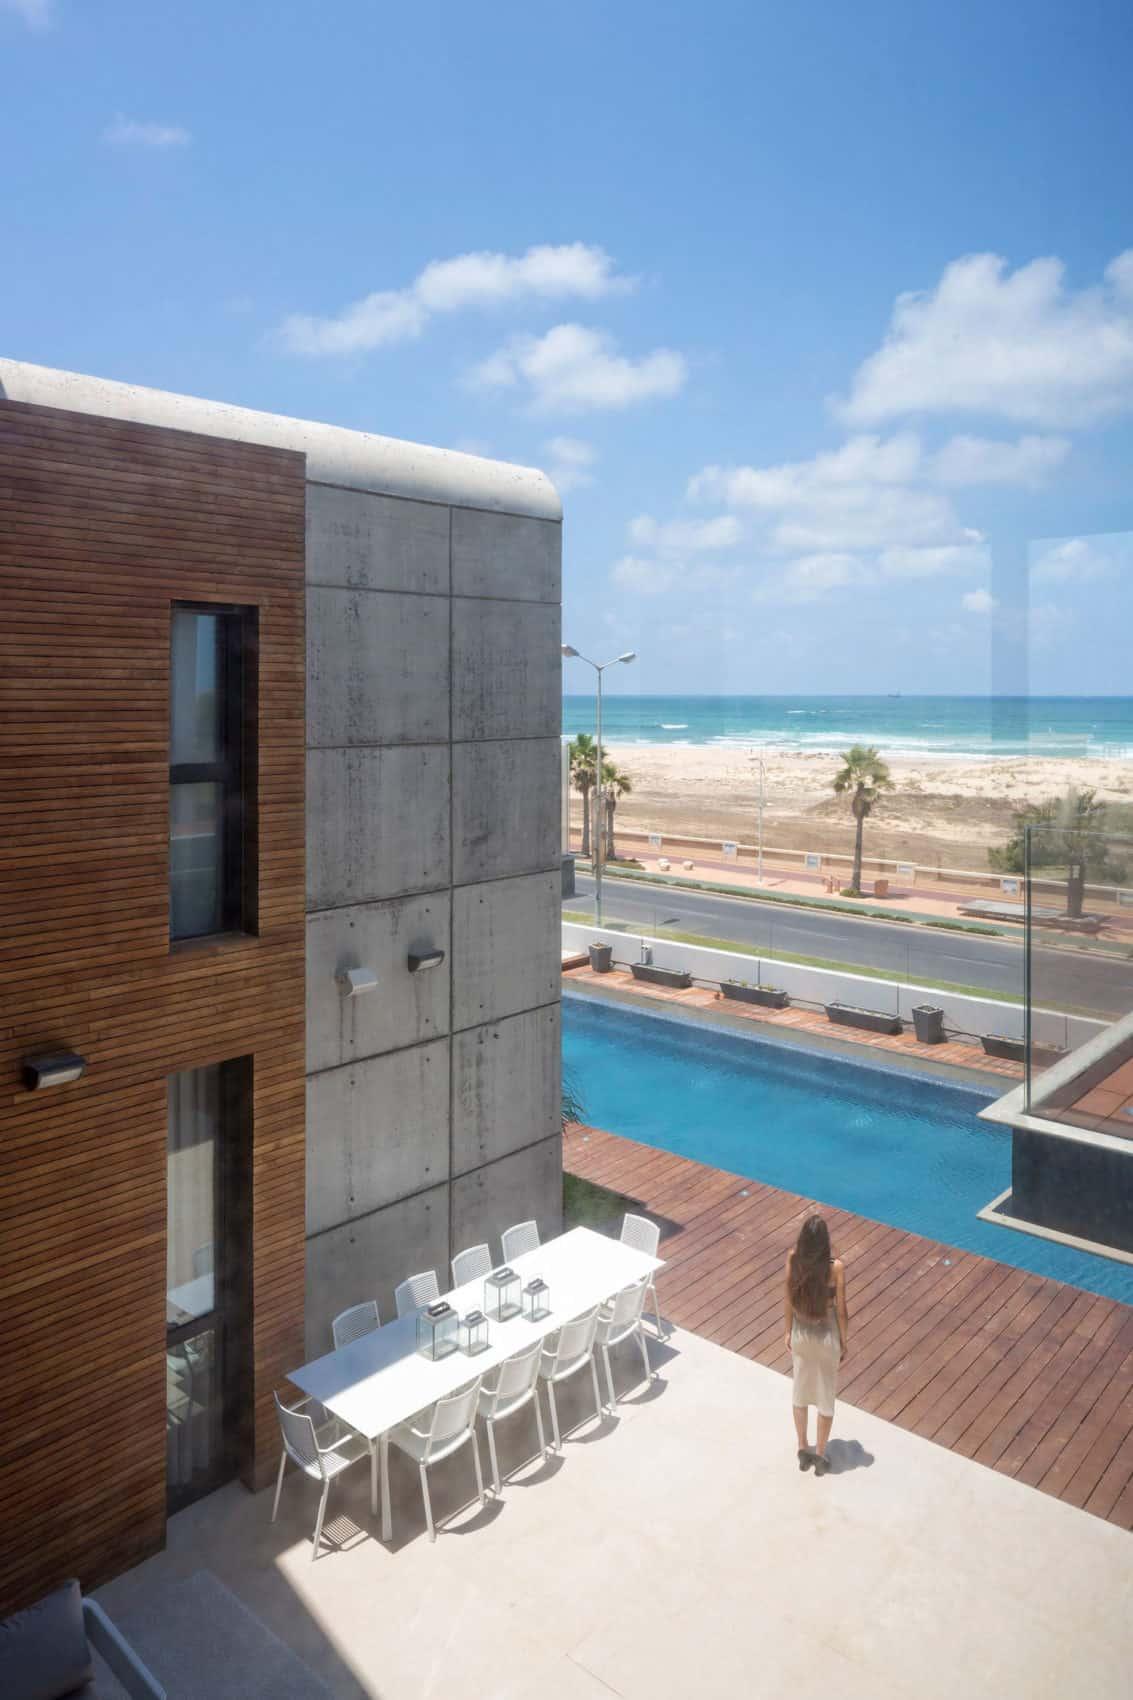 House in Ashdod by Nava Yavetz Architects (4)